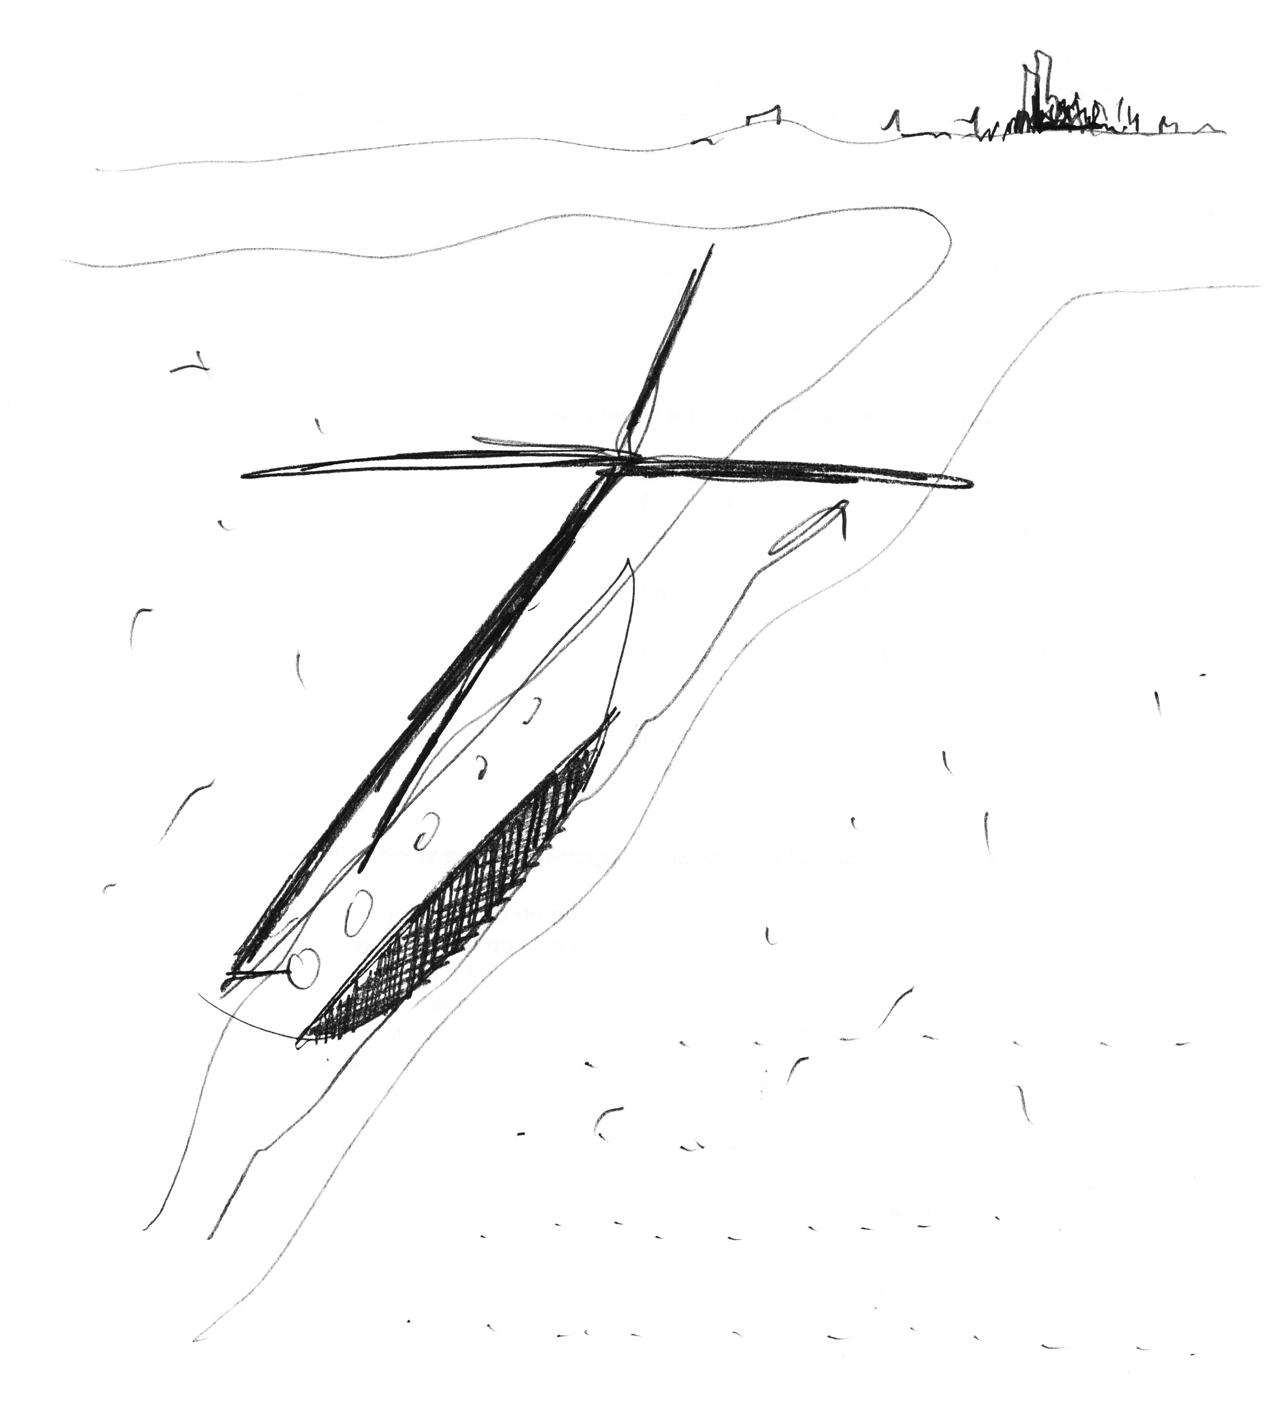 windplan-amsterdam-bft-tekening4-c-vermaas-vanbeekrietveldbeaufort